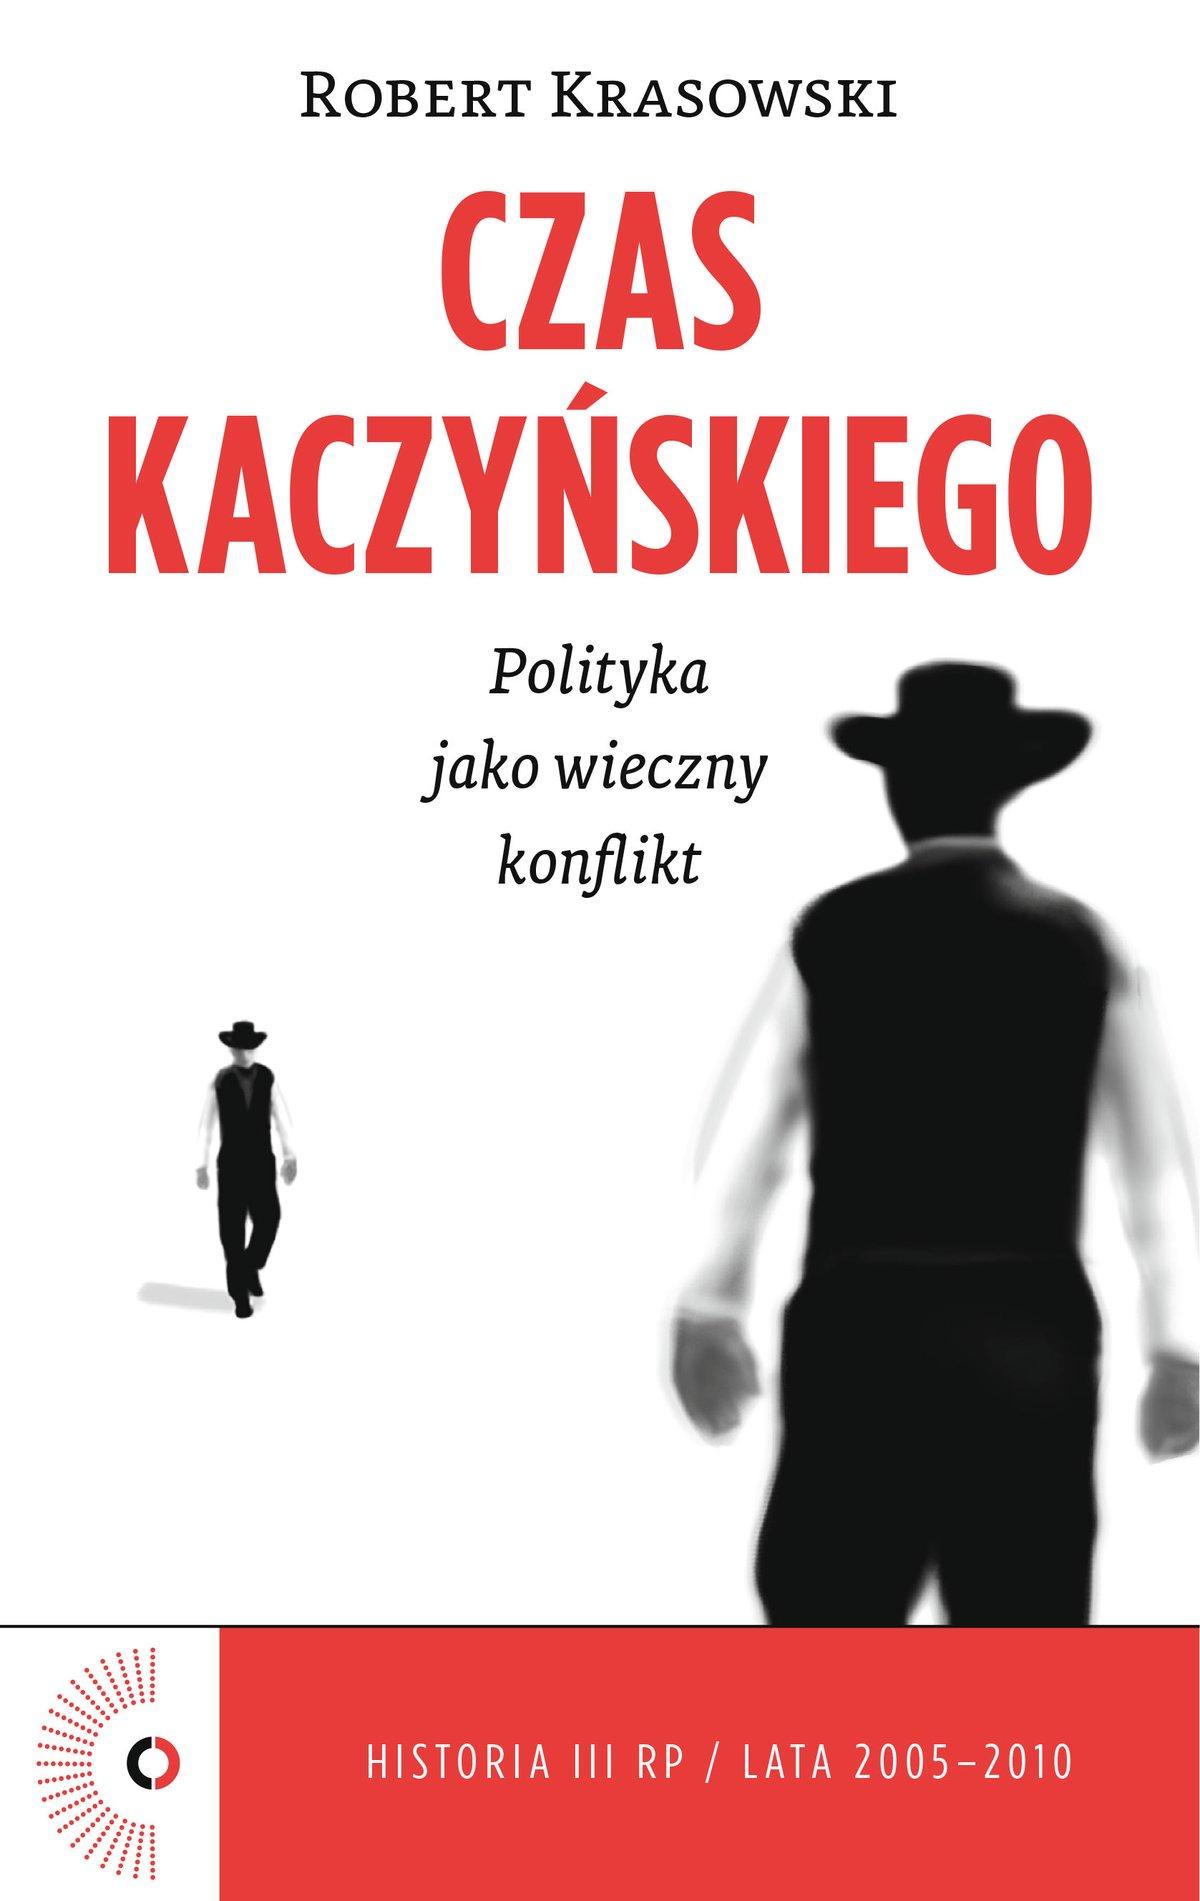 Czas Kaczyńskiego. Polityka jako wieczny konflikt - Ebook (Książka na Kindle) do pobrania w formacie MOBI